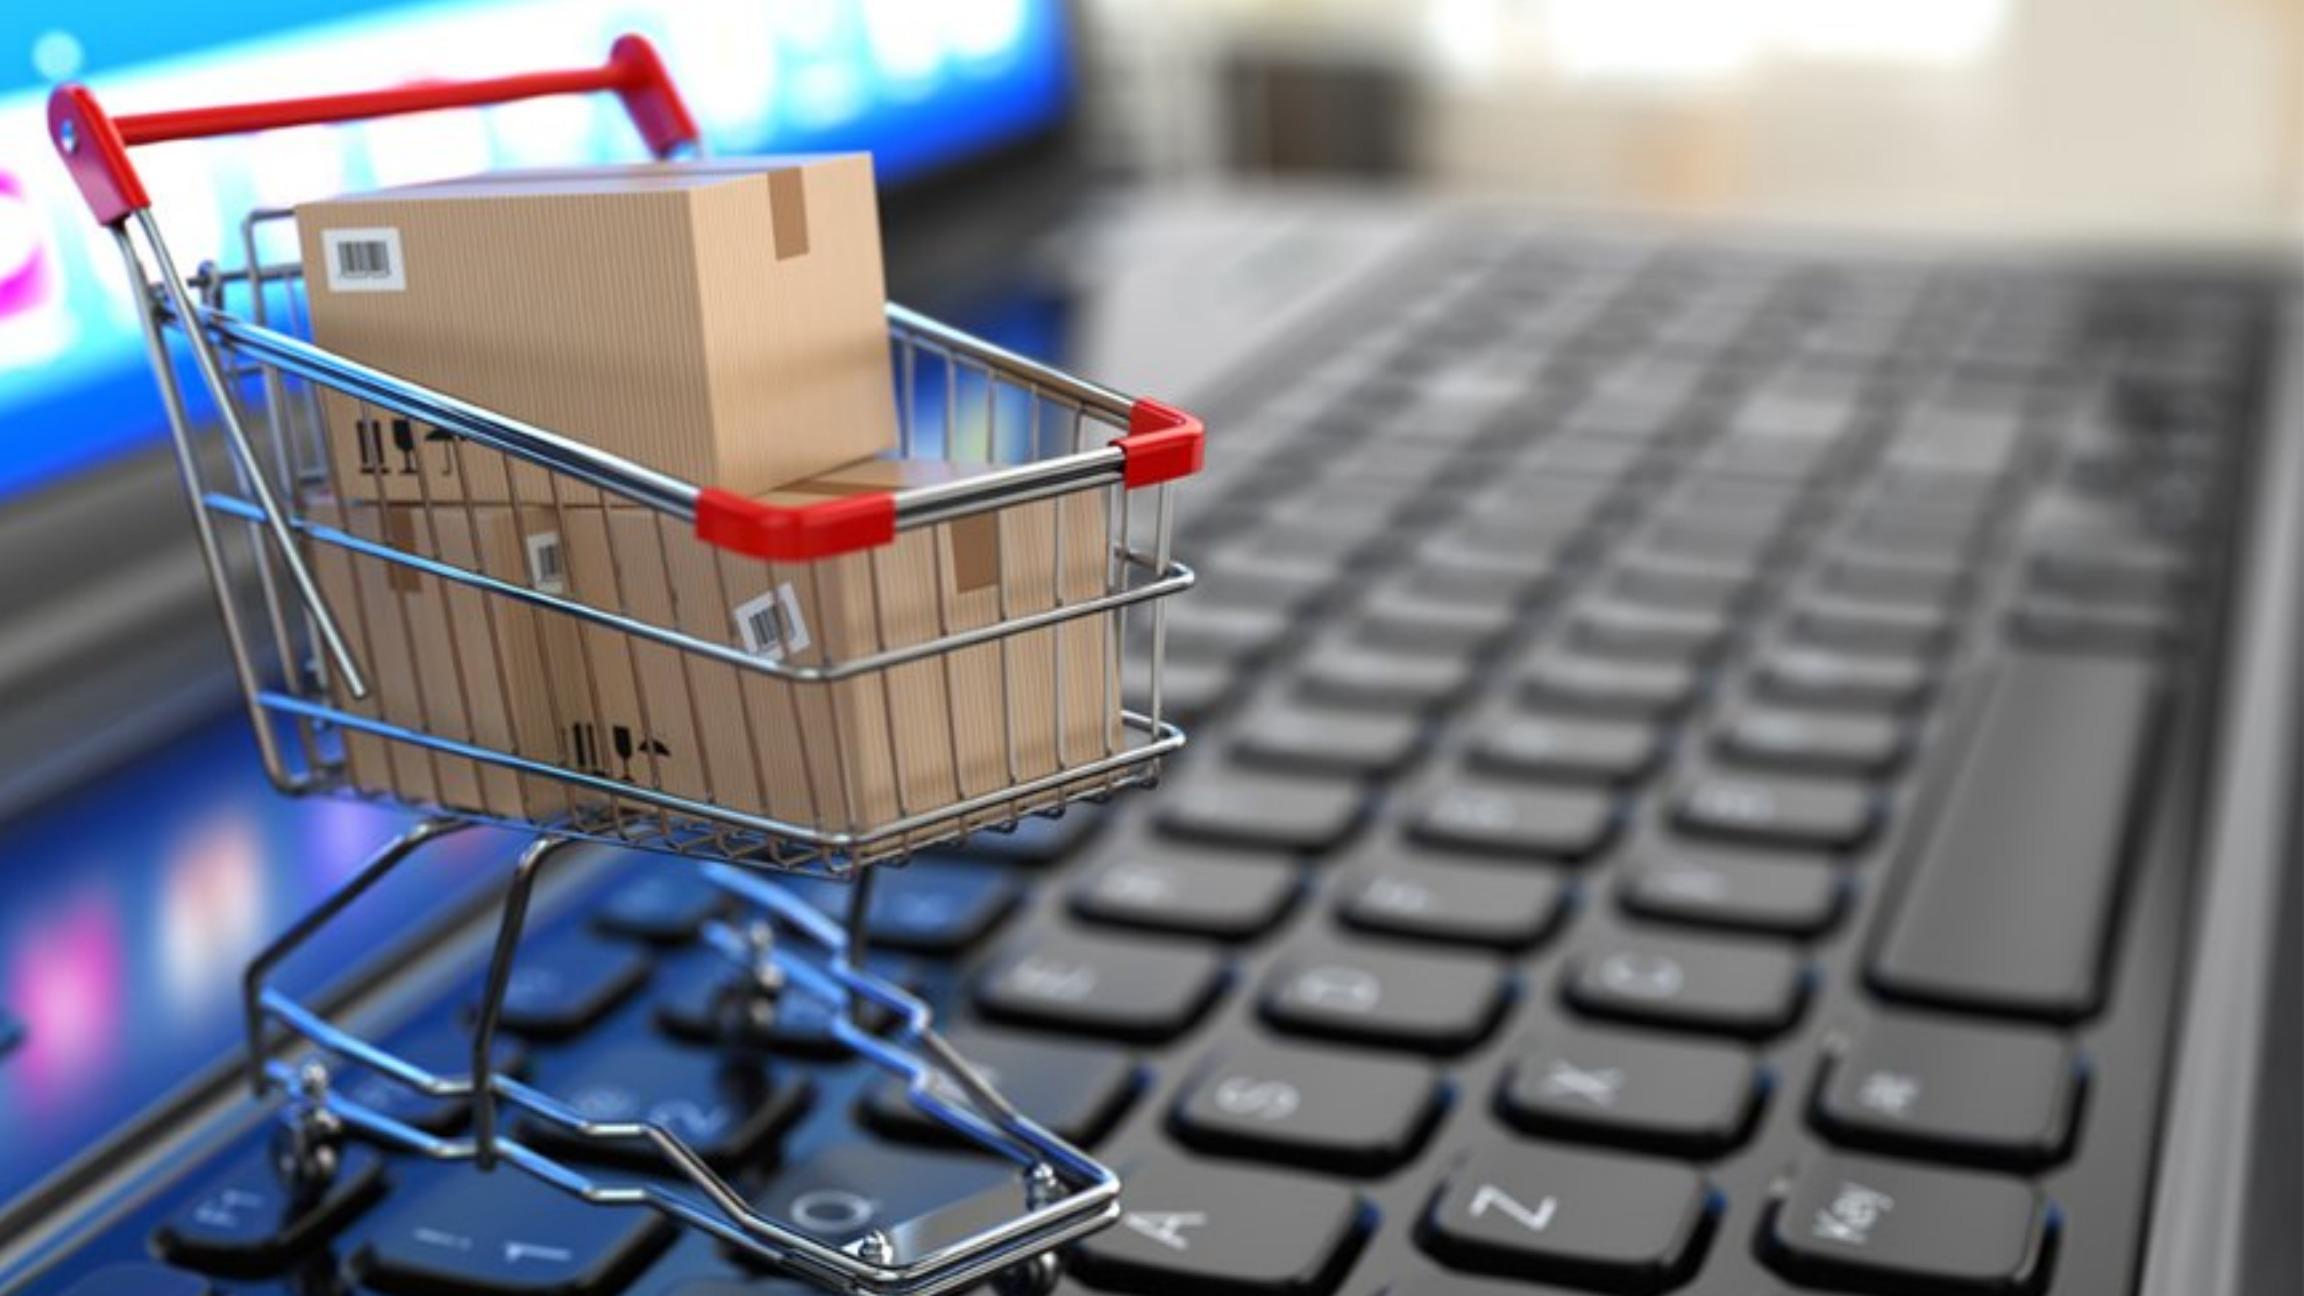 Le commerce en ligne, les statistiques et projections